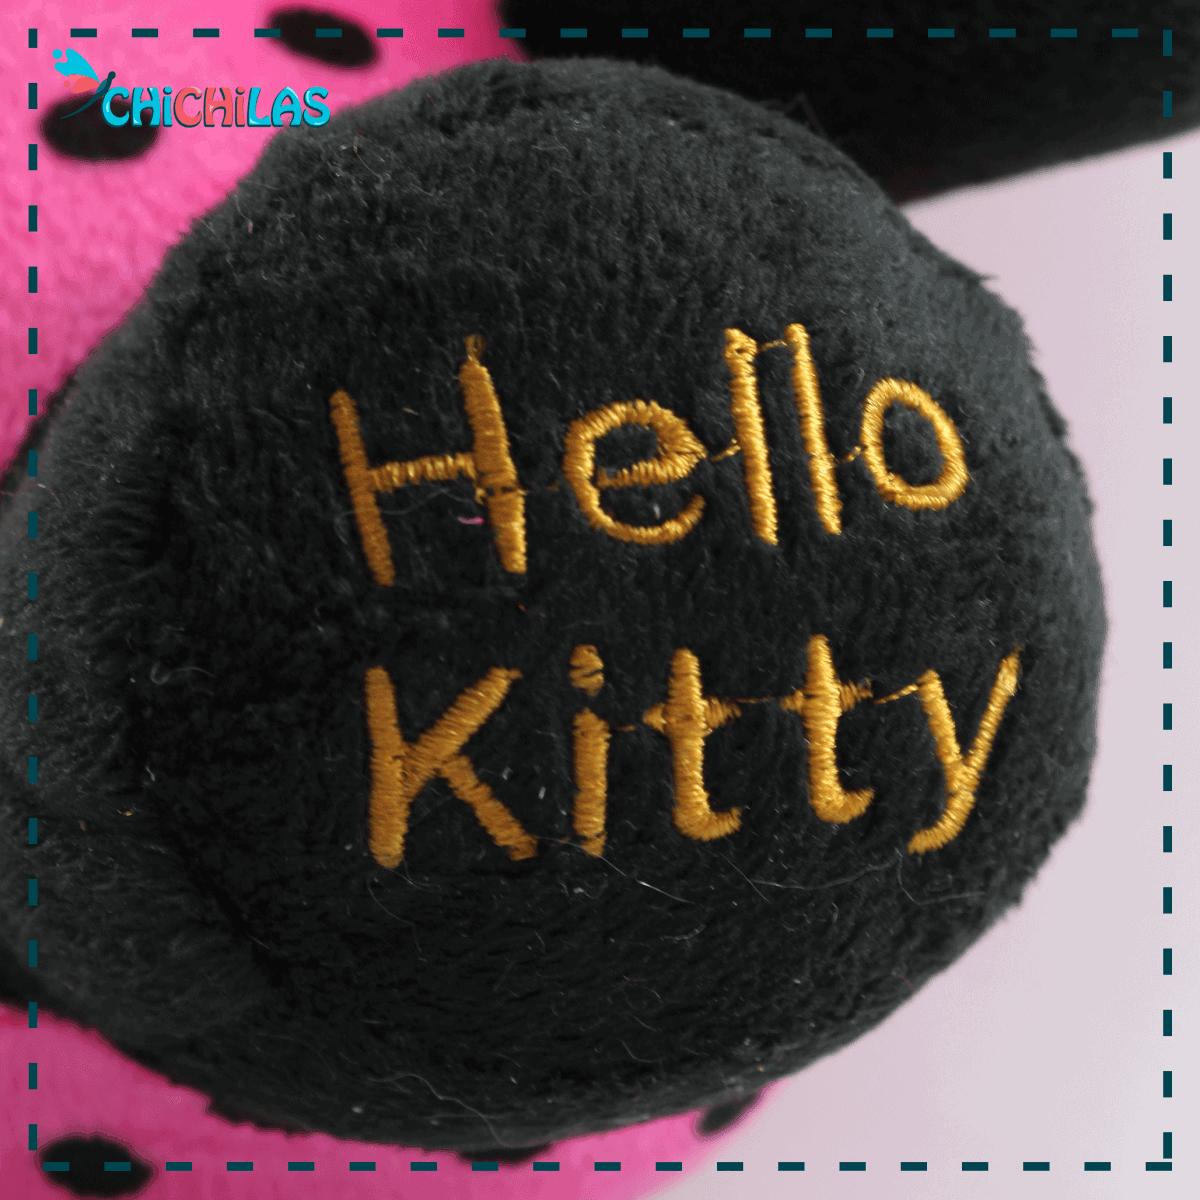 چیچیلاس - عروسک هلو کیتی - عروسک hello kitty - عروسک گربه - عروسک دخترانه - عروسک خارجی